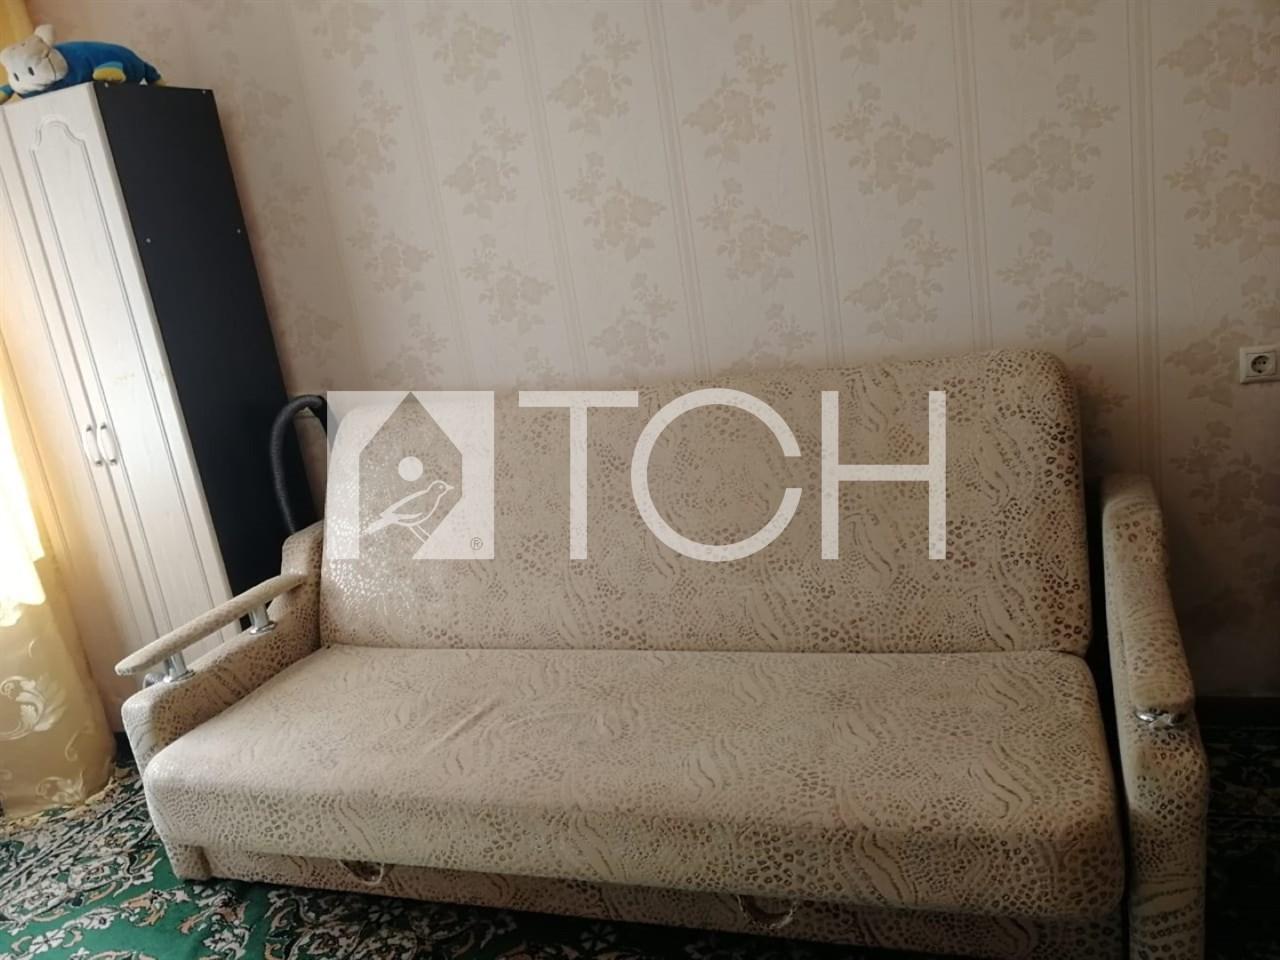 Apartment, 1 room, 35 m2 in Shchyolkovo 89261425000 buy 3